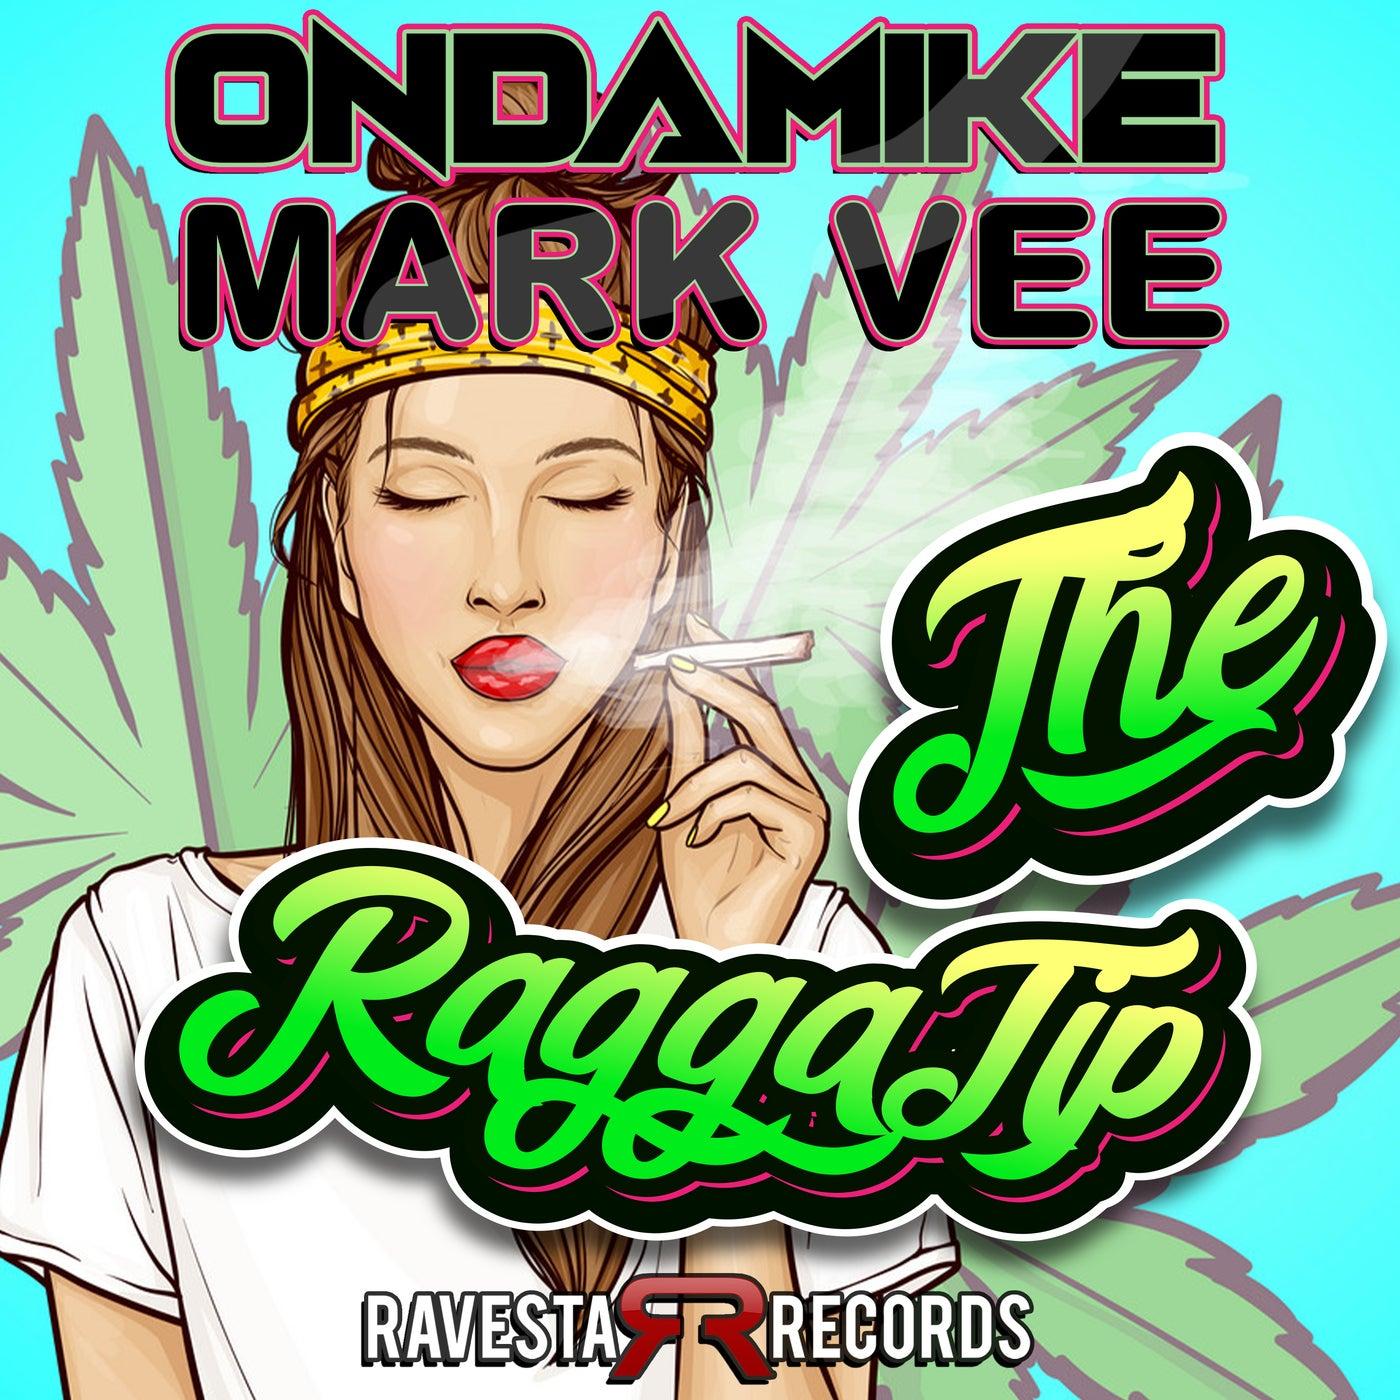 Ragga Tip (Original Mix)